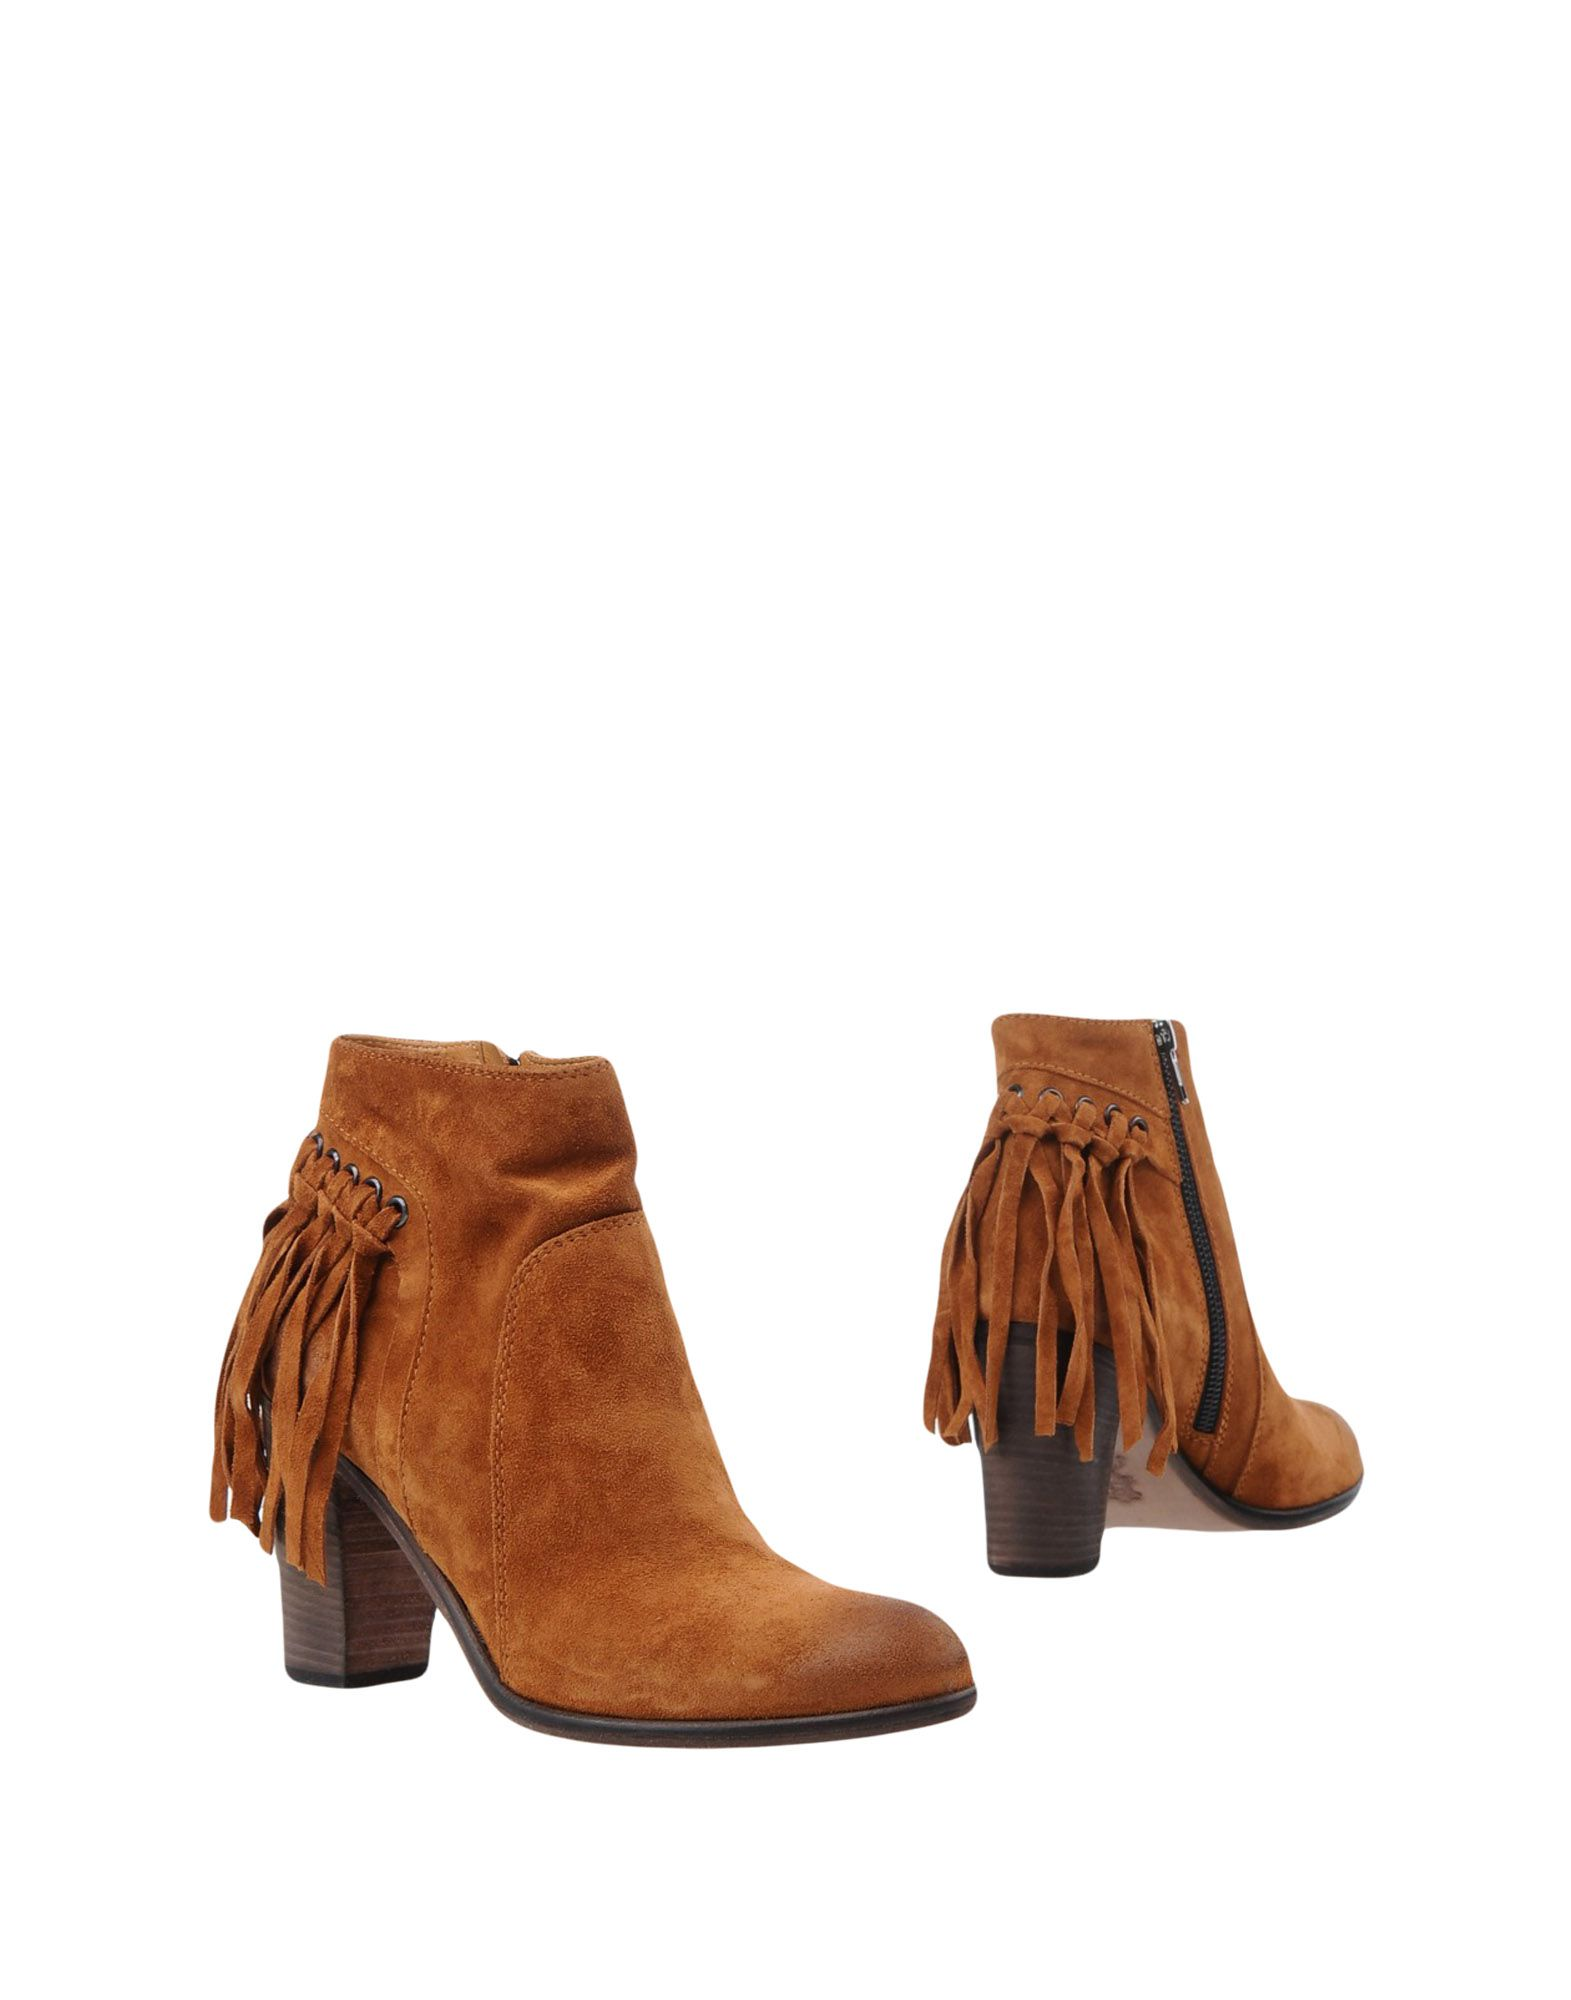 Via Roma 15 Stiefelette Damen  11361824KM Gute Qualität beliebte Schuhe